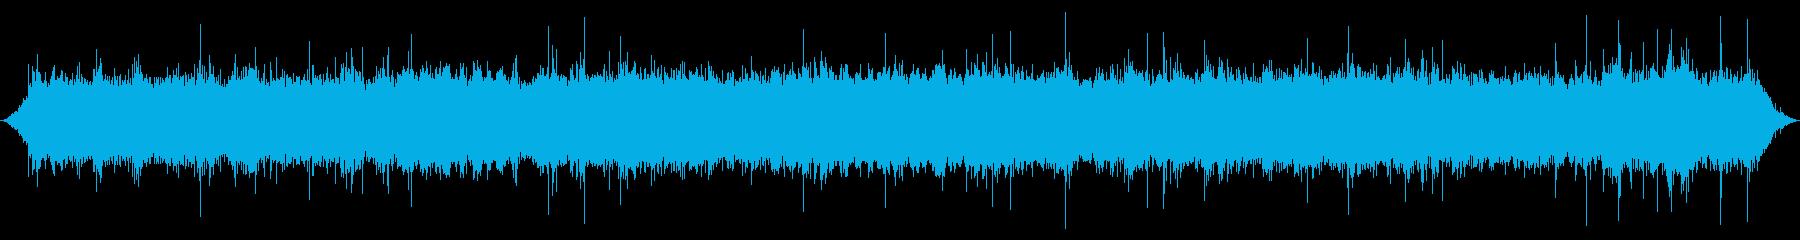 ブルックオアストリーム:ディープク...の再生済みの波形